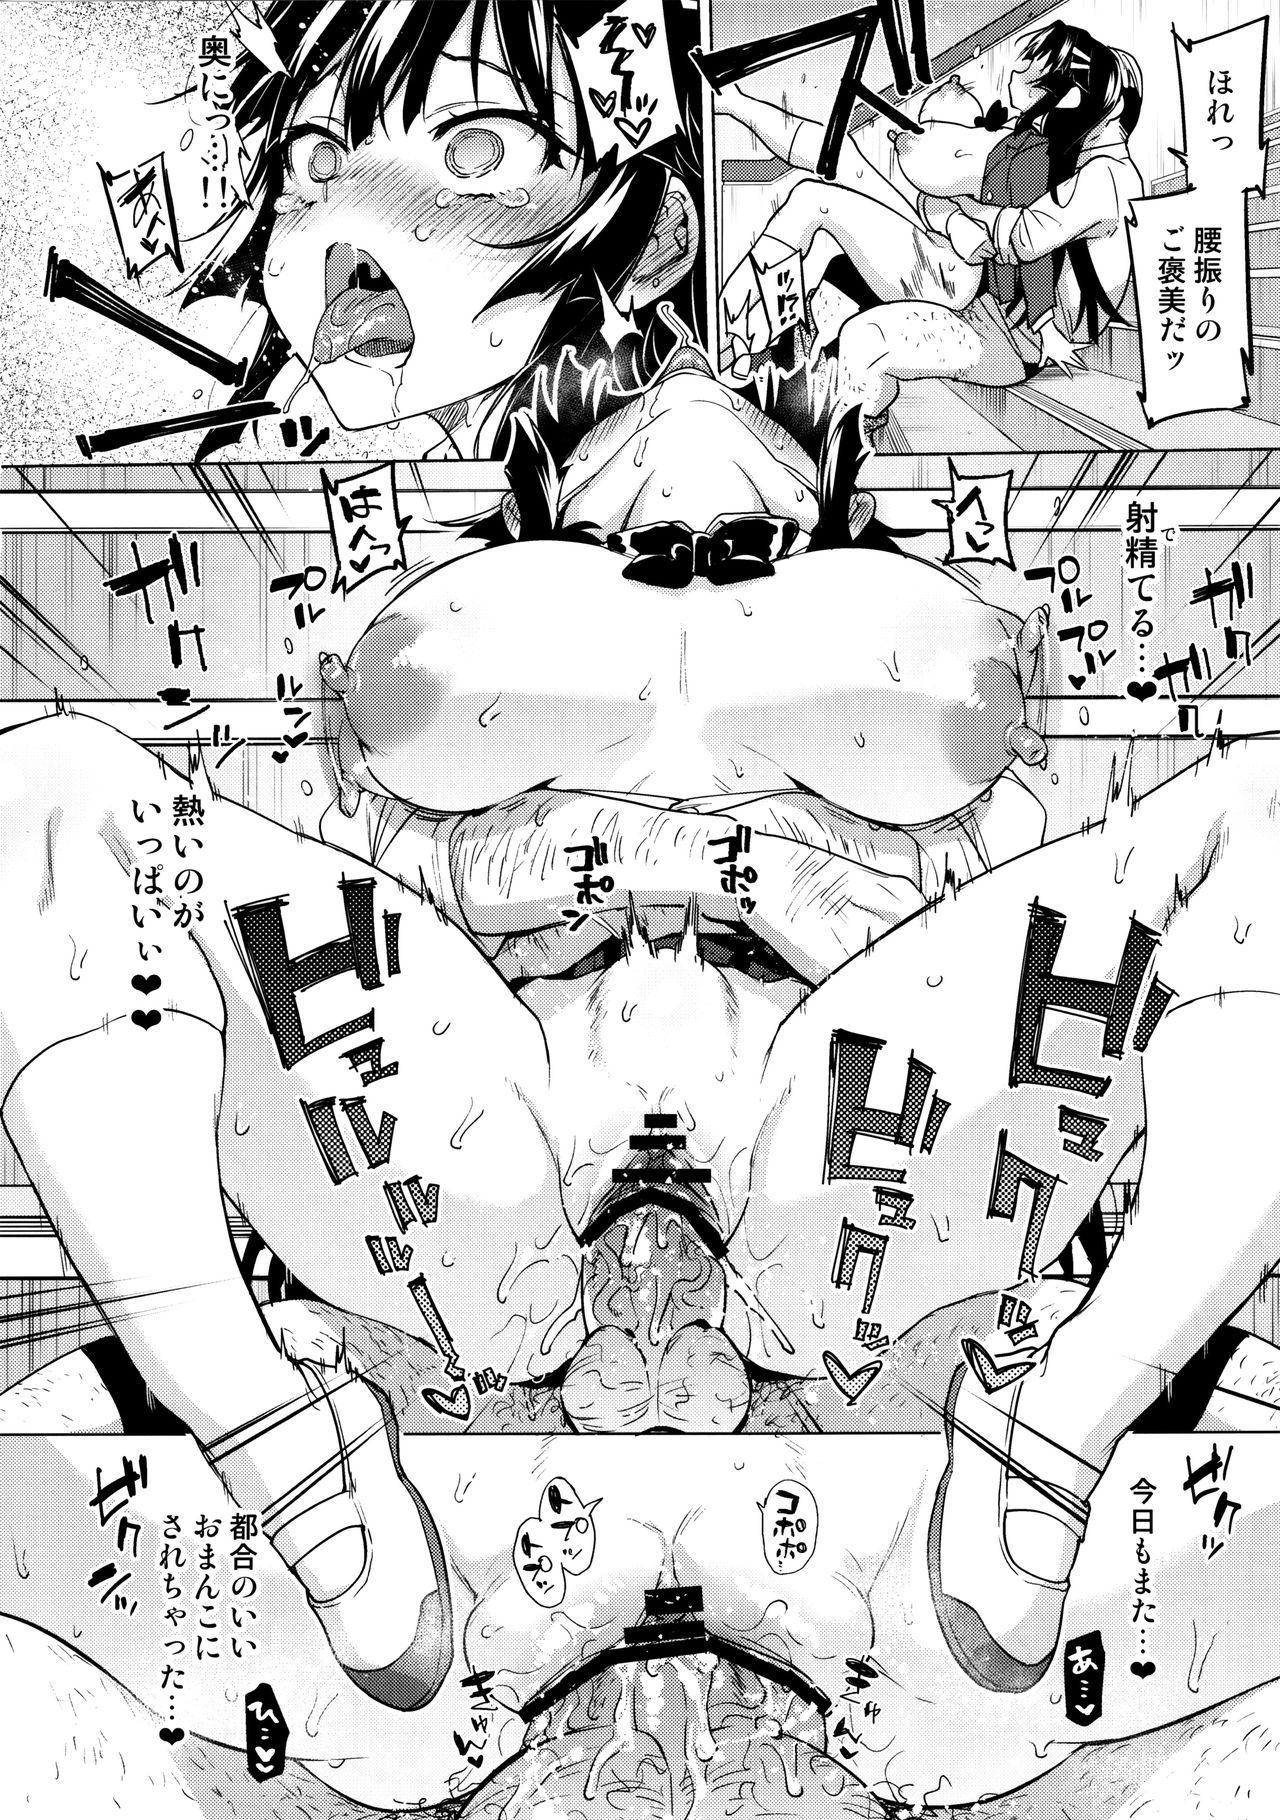 Chizuru-chan Kaihatsu Nikki 5 4